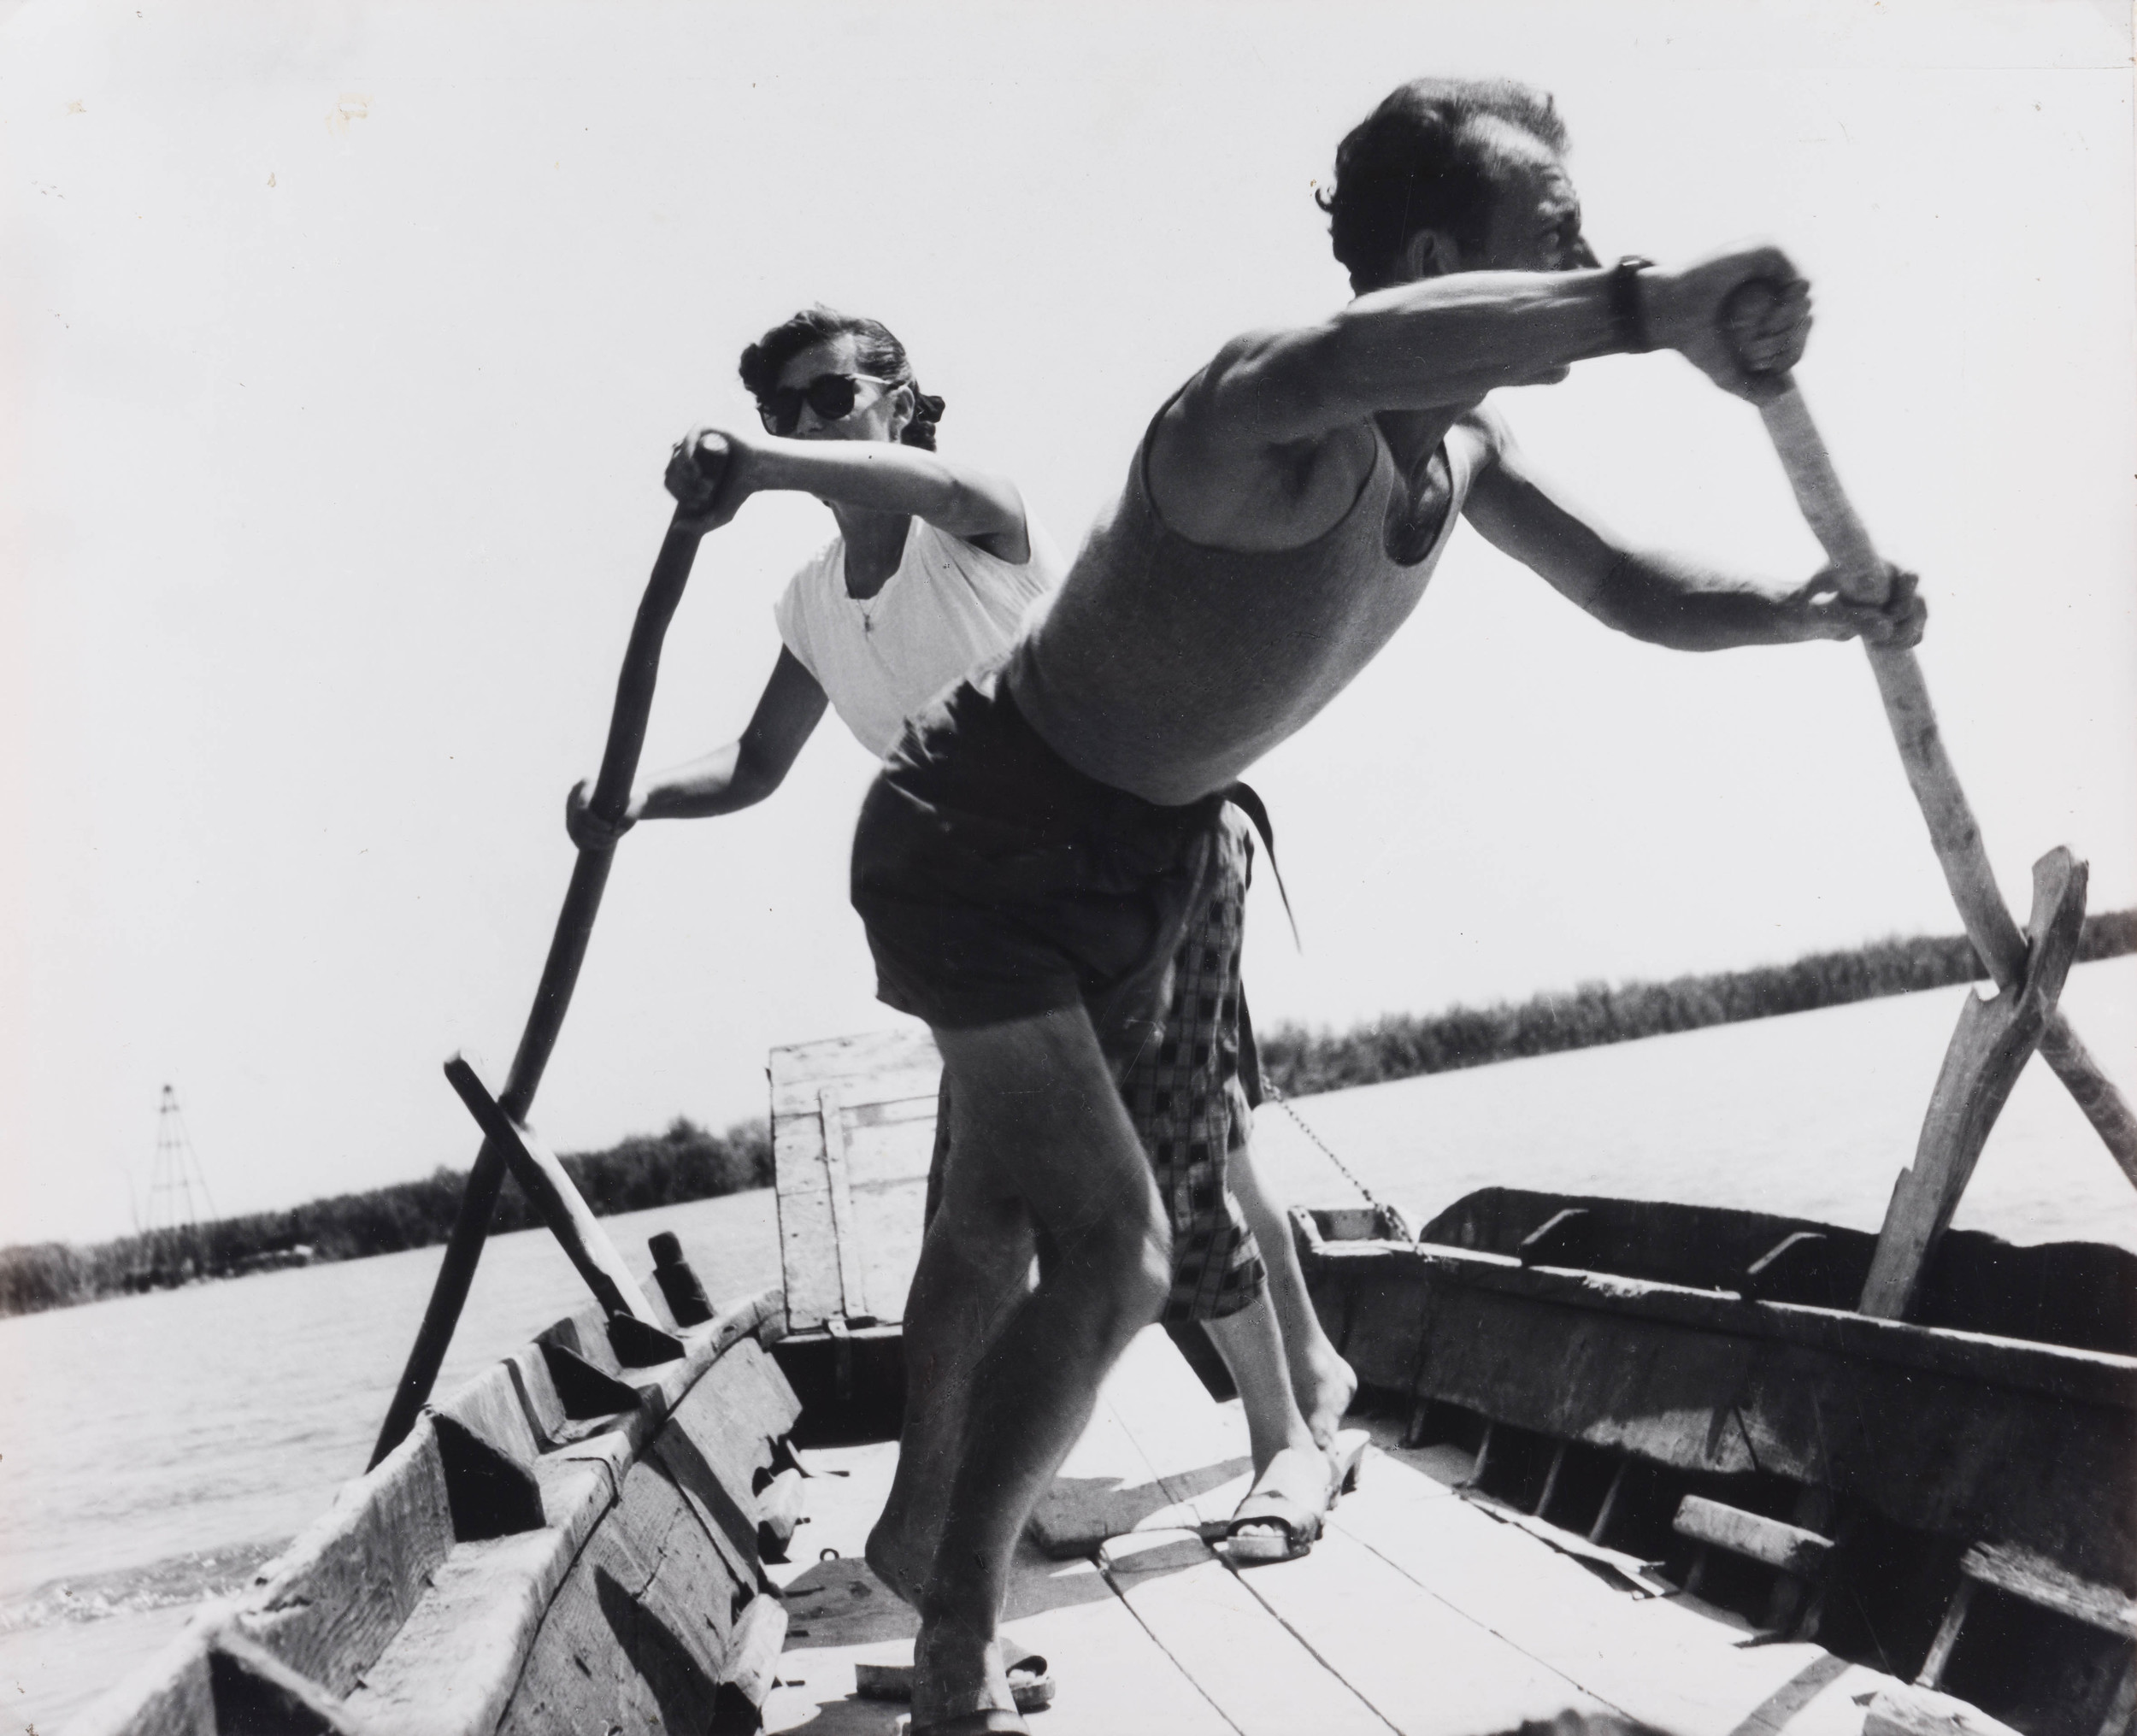 Il traghetto di Forti per l'isola Camerini, 1953